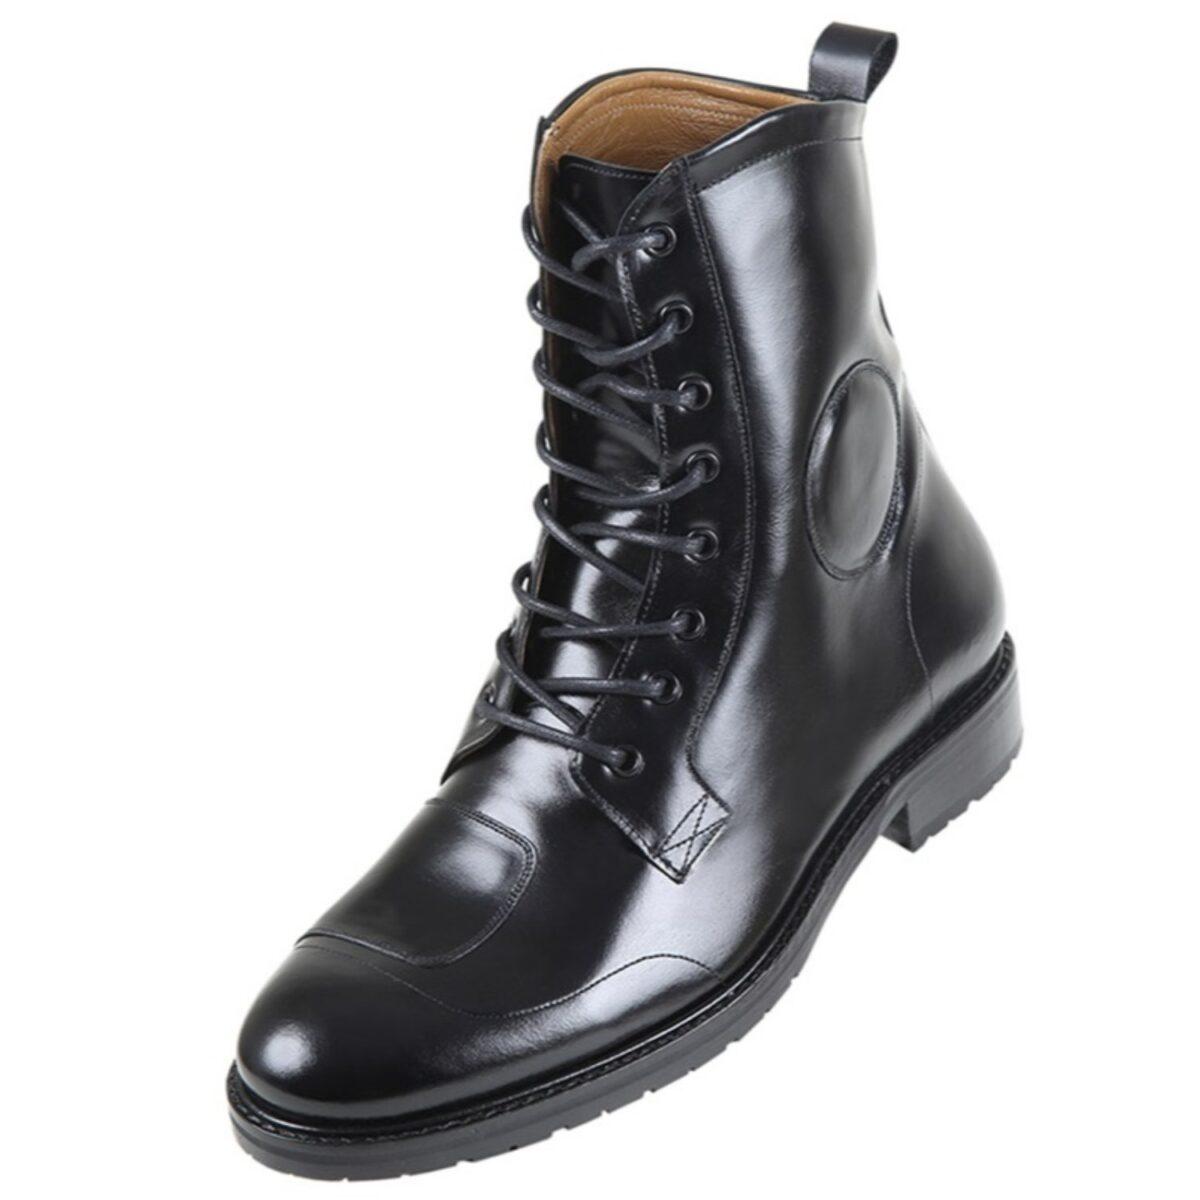 Zapatos con Alzas modelo 7540 N MOTOBOOT - HiPlus